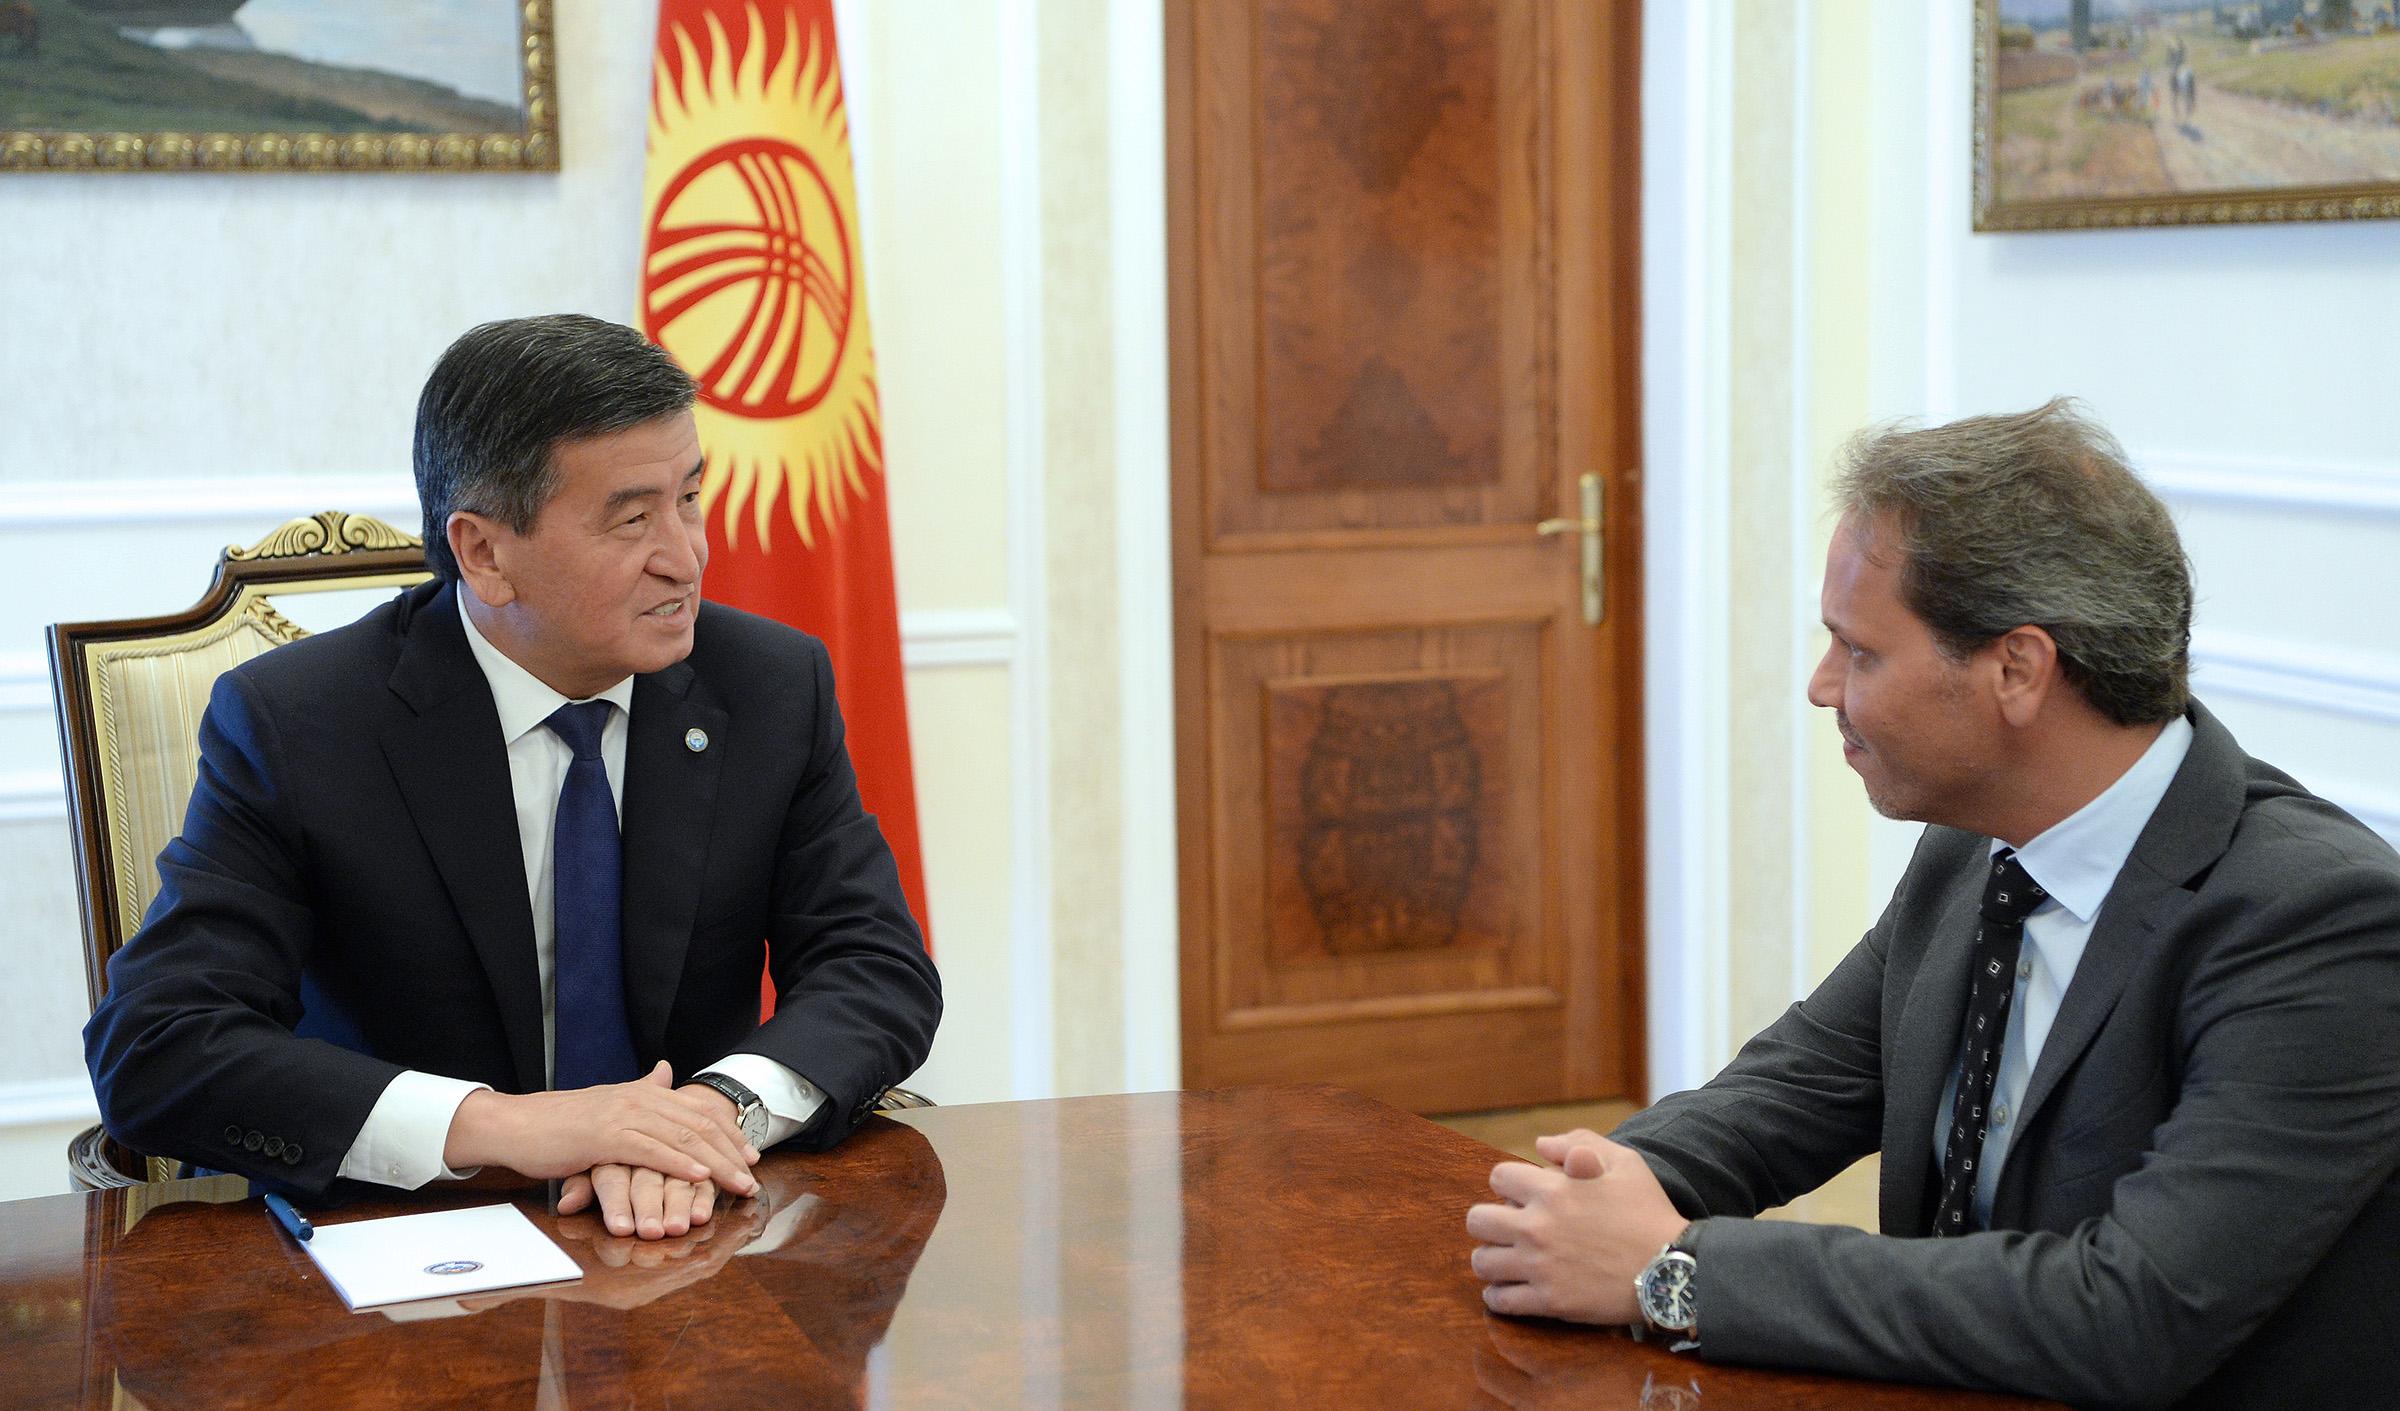 Сооронбай Жээнбеков: Кыргызстан чет элдик инвесторлор үчүн ар дайым ачык